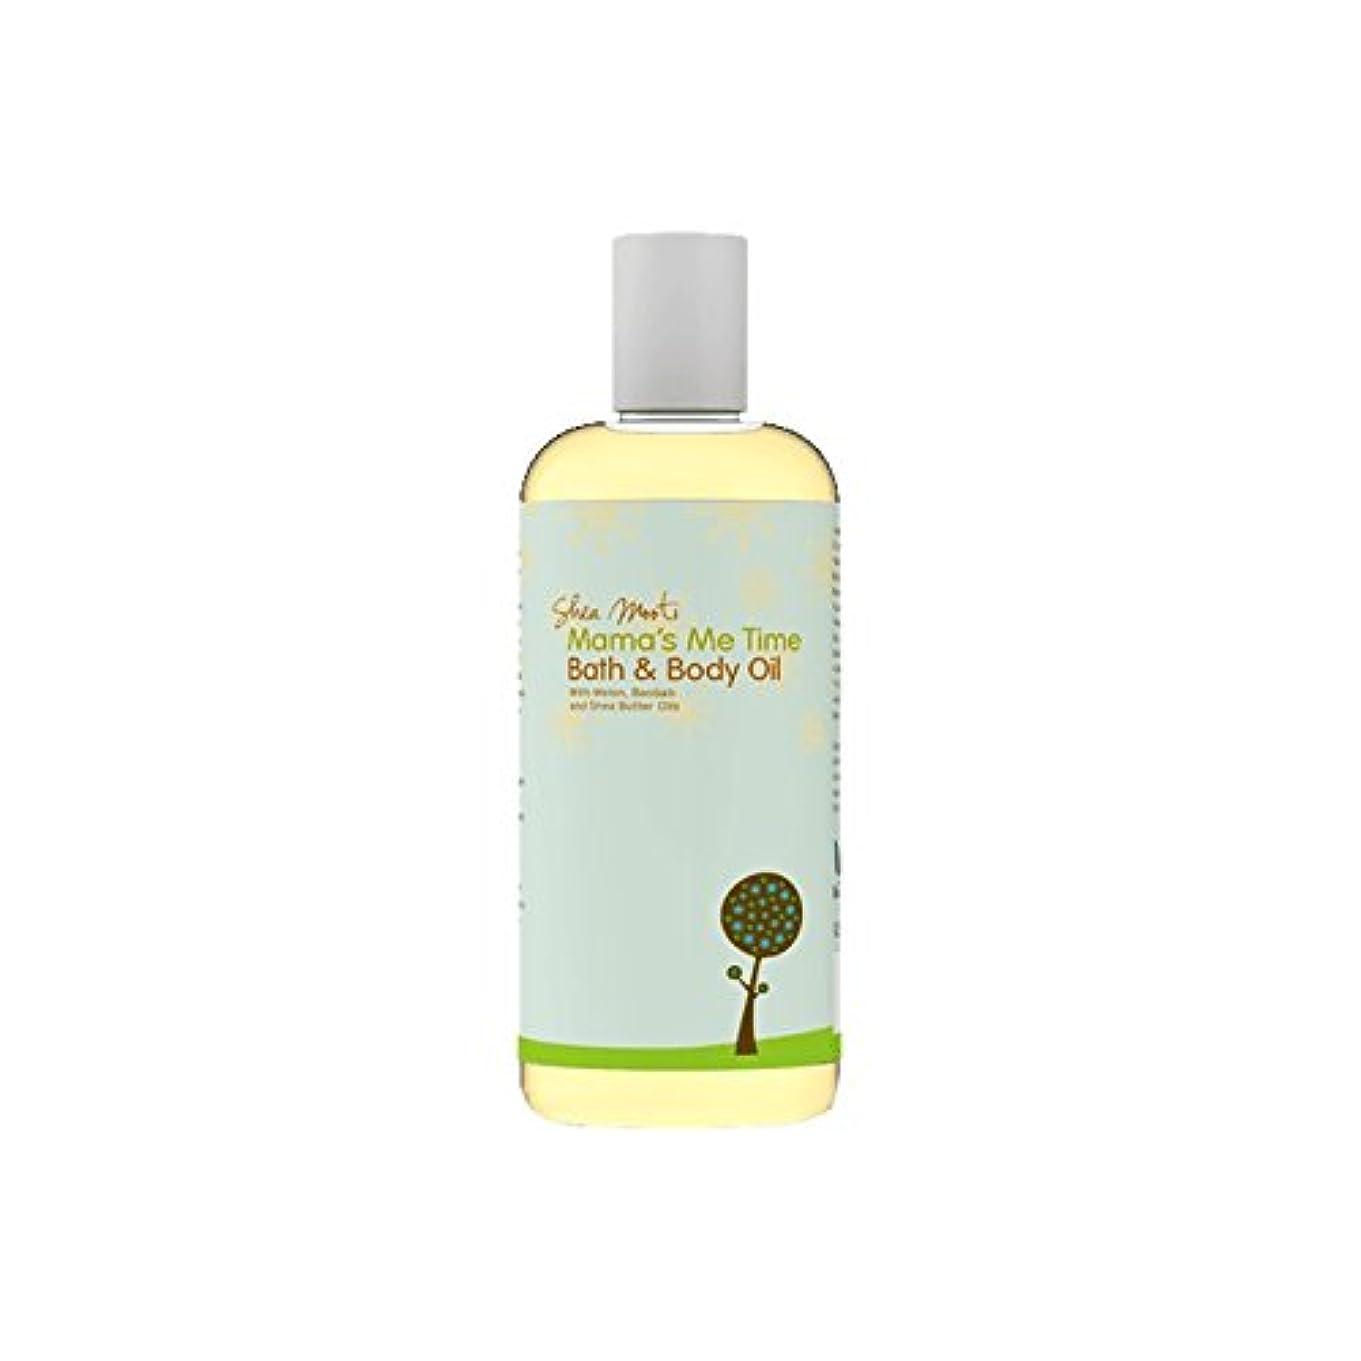 降臨セブンデマンドShea Mooti Mama's Me Time Bath and Body Oil 110g (Pack of 2) - シアバターMootiママの私の時間のバス、ボディオイル110グラム (x2) [並行輸入品]